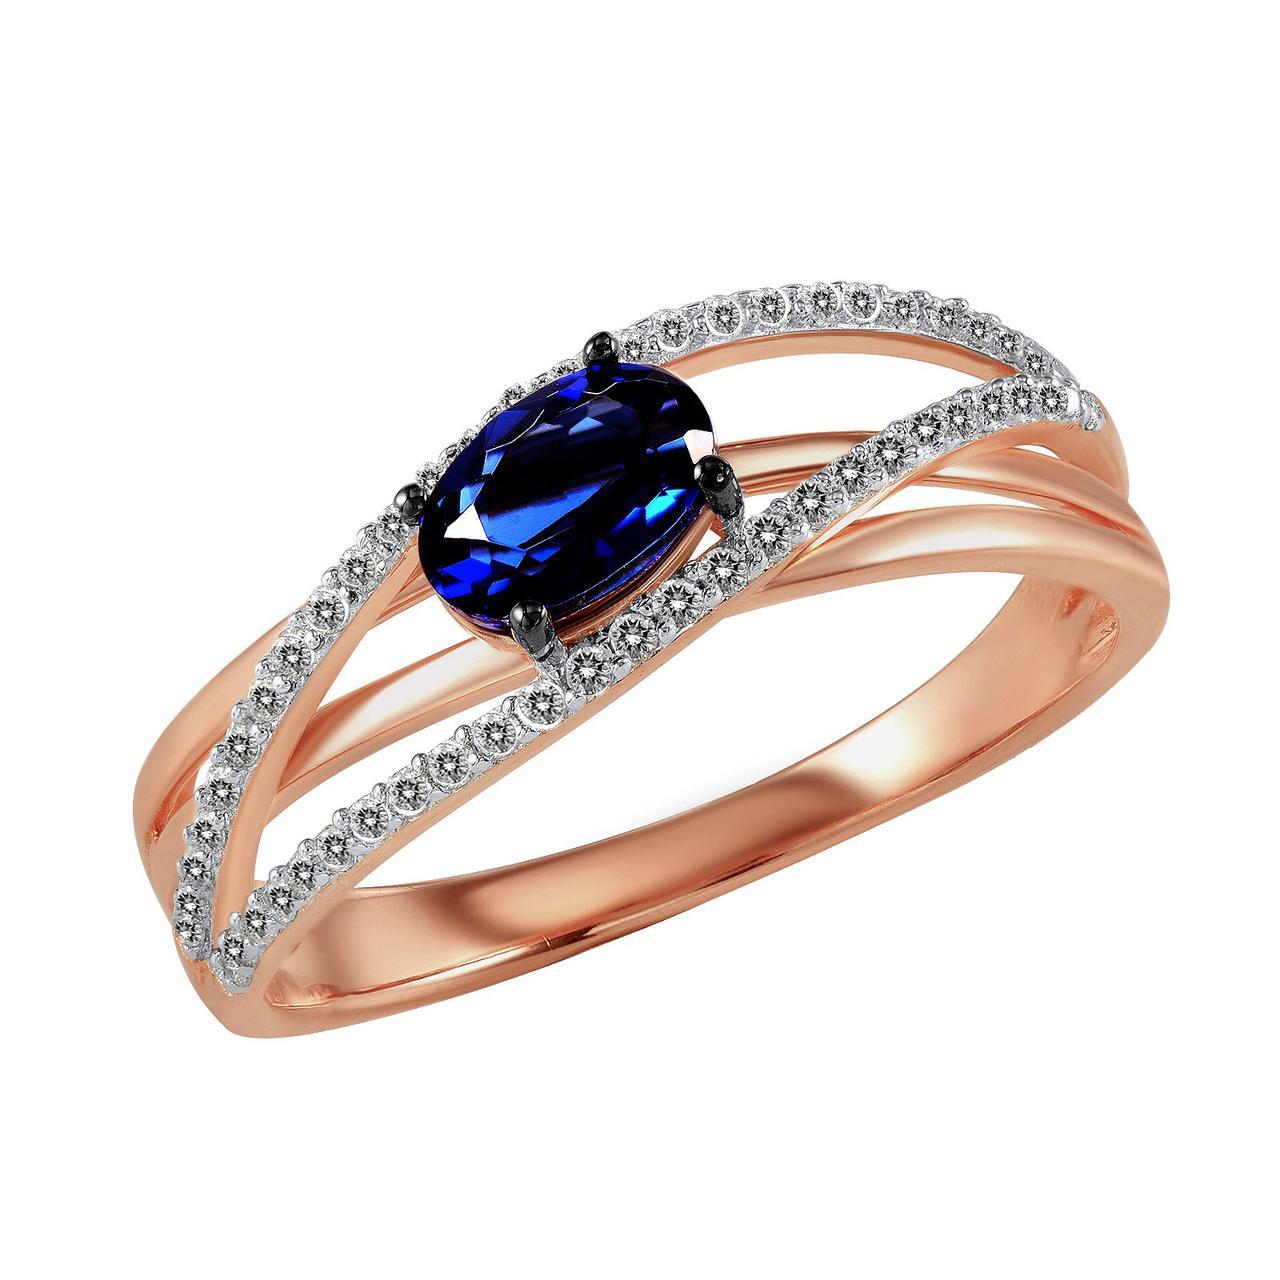 Золотое кольцо с бриллиантами и сапфиром, размер 16 (562731)